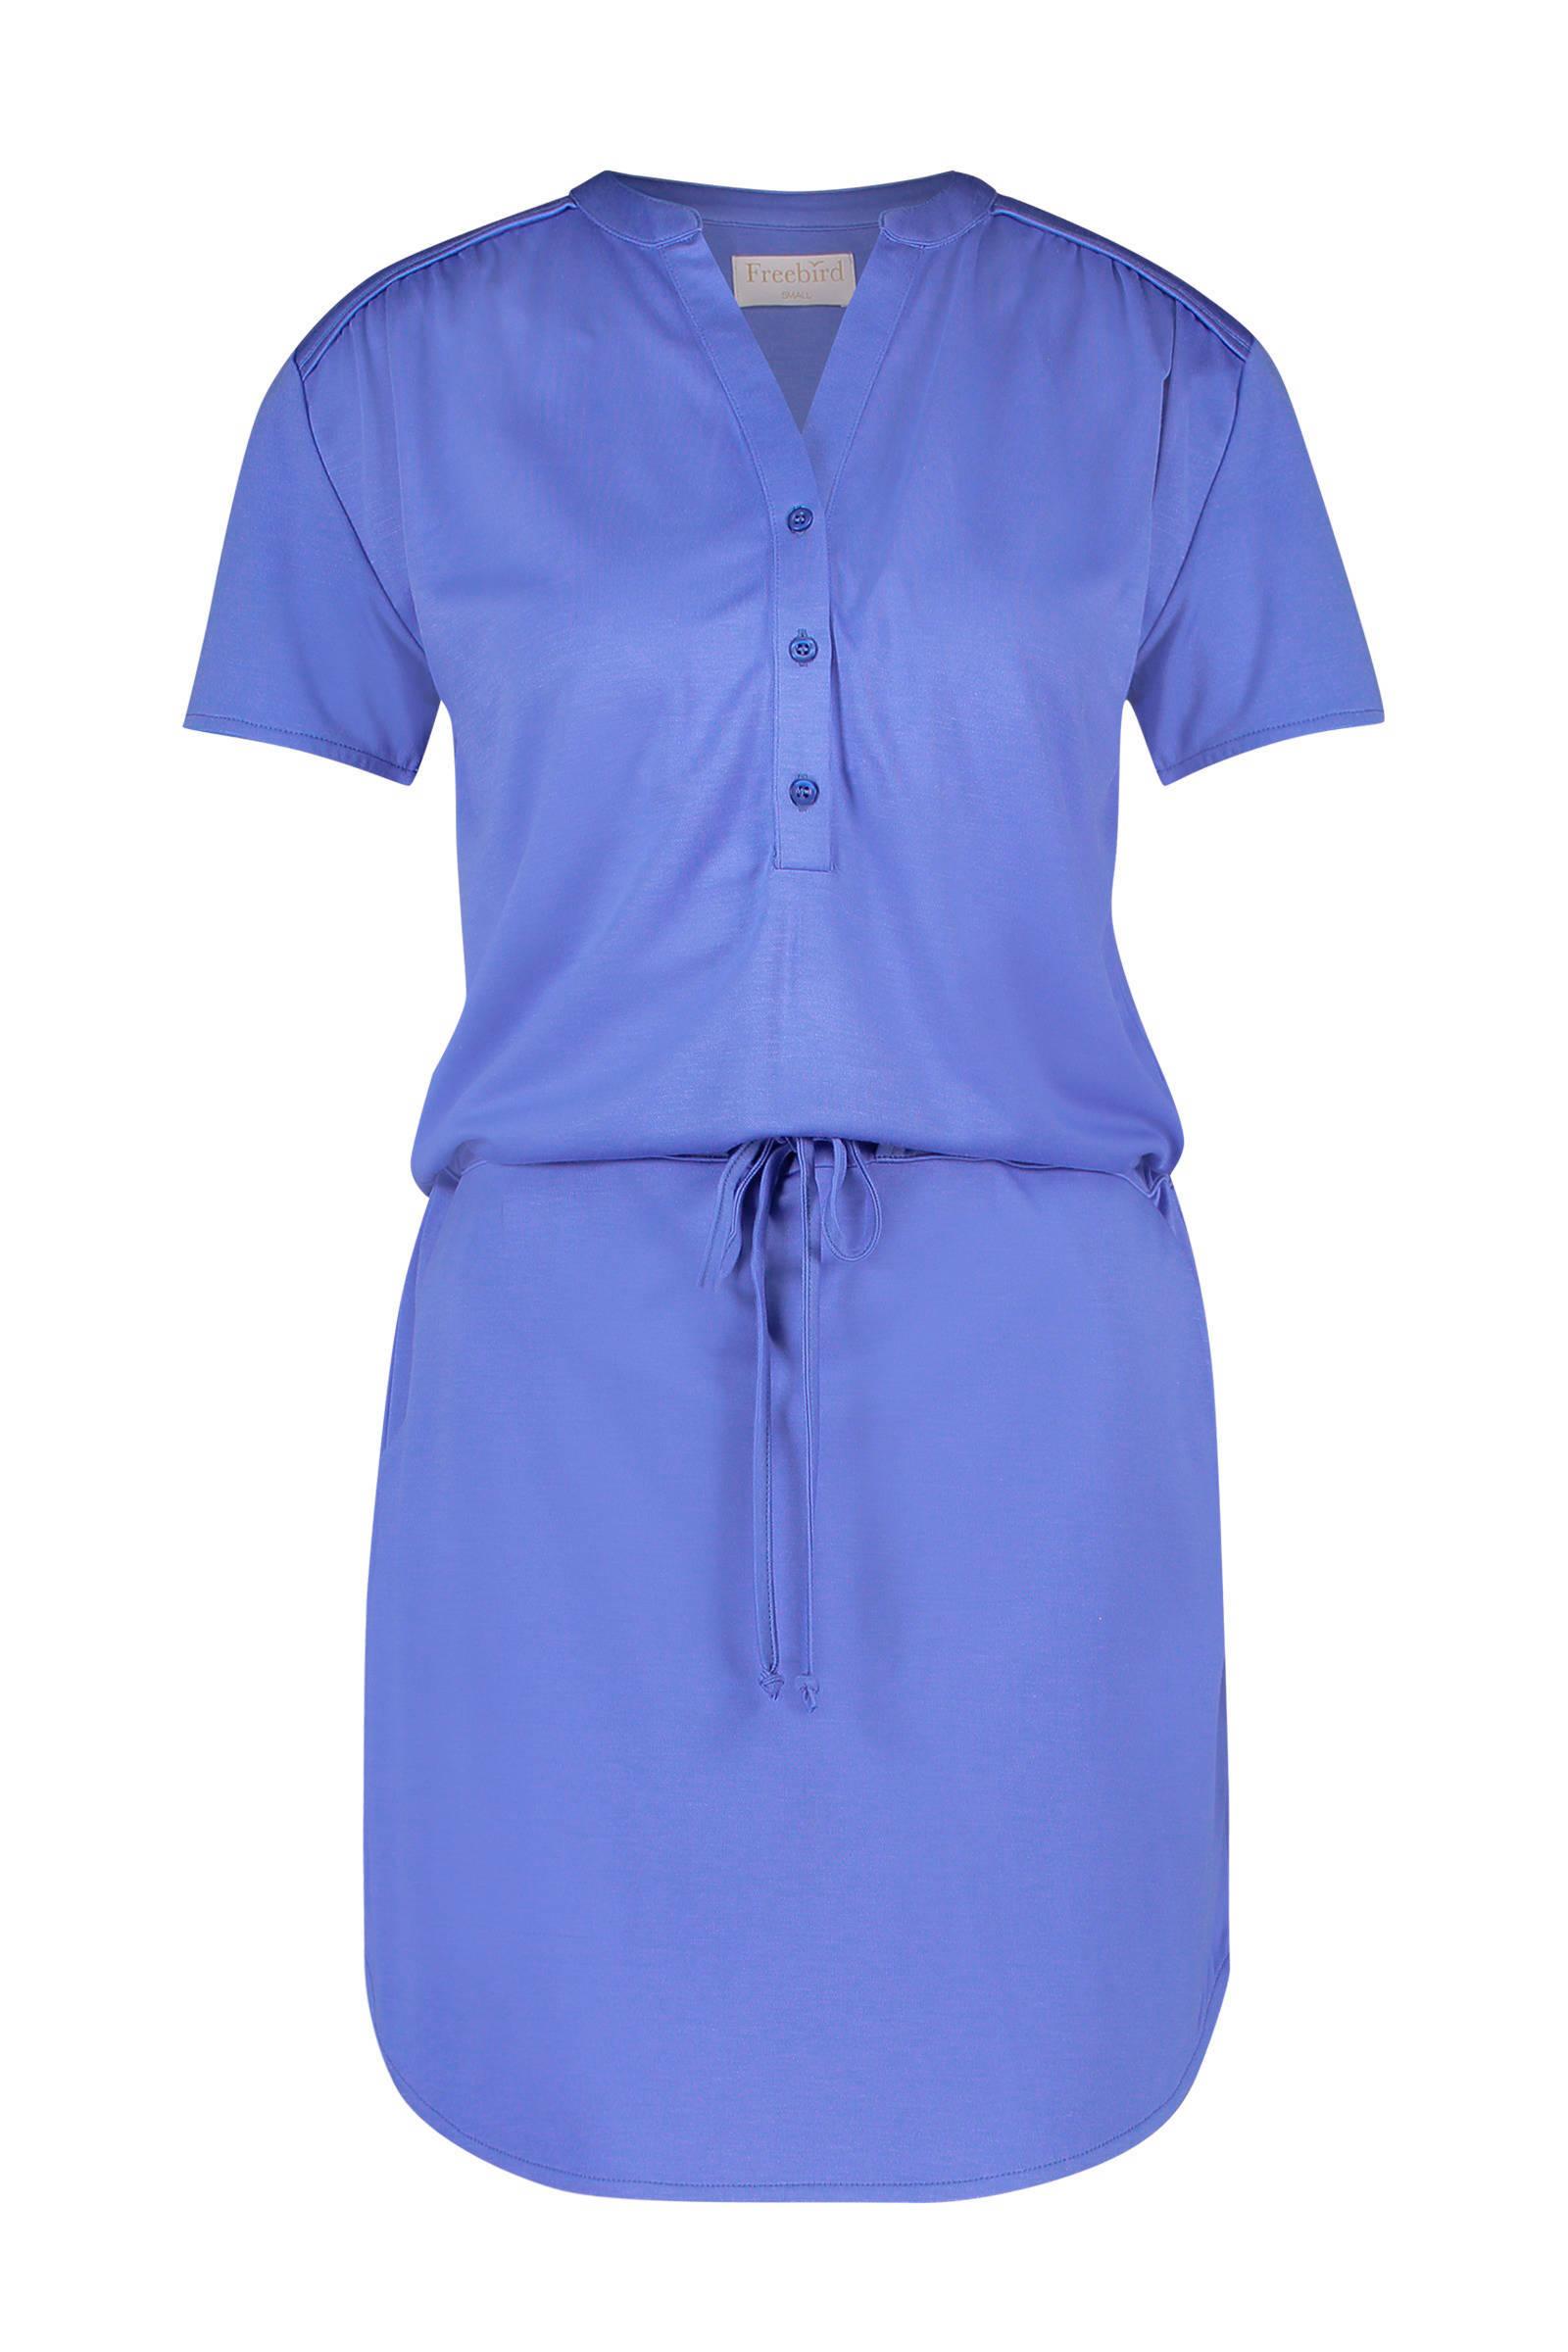 blauw met witte jurk